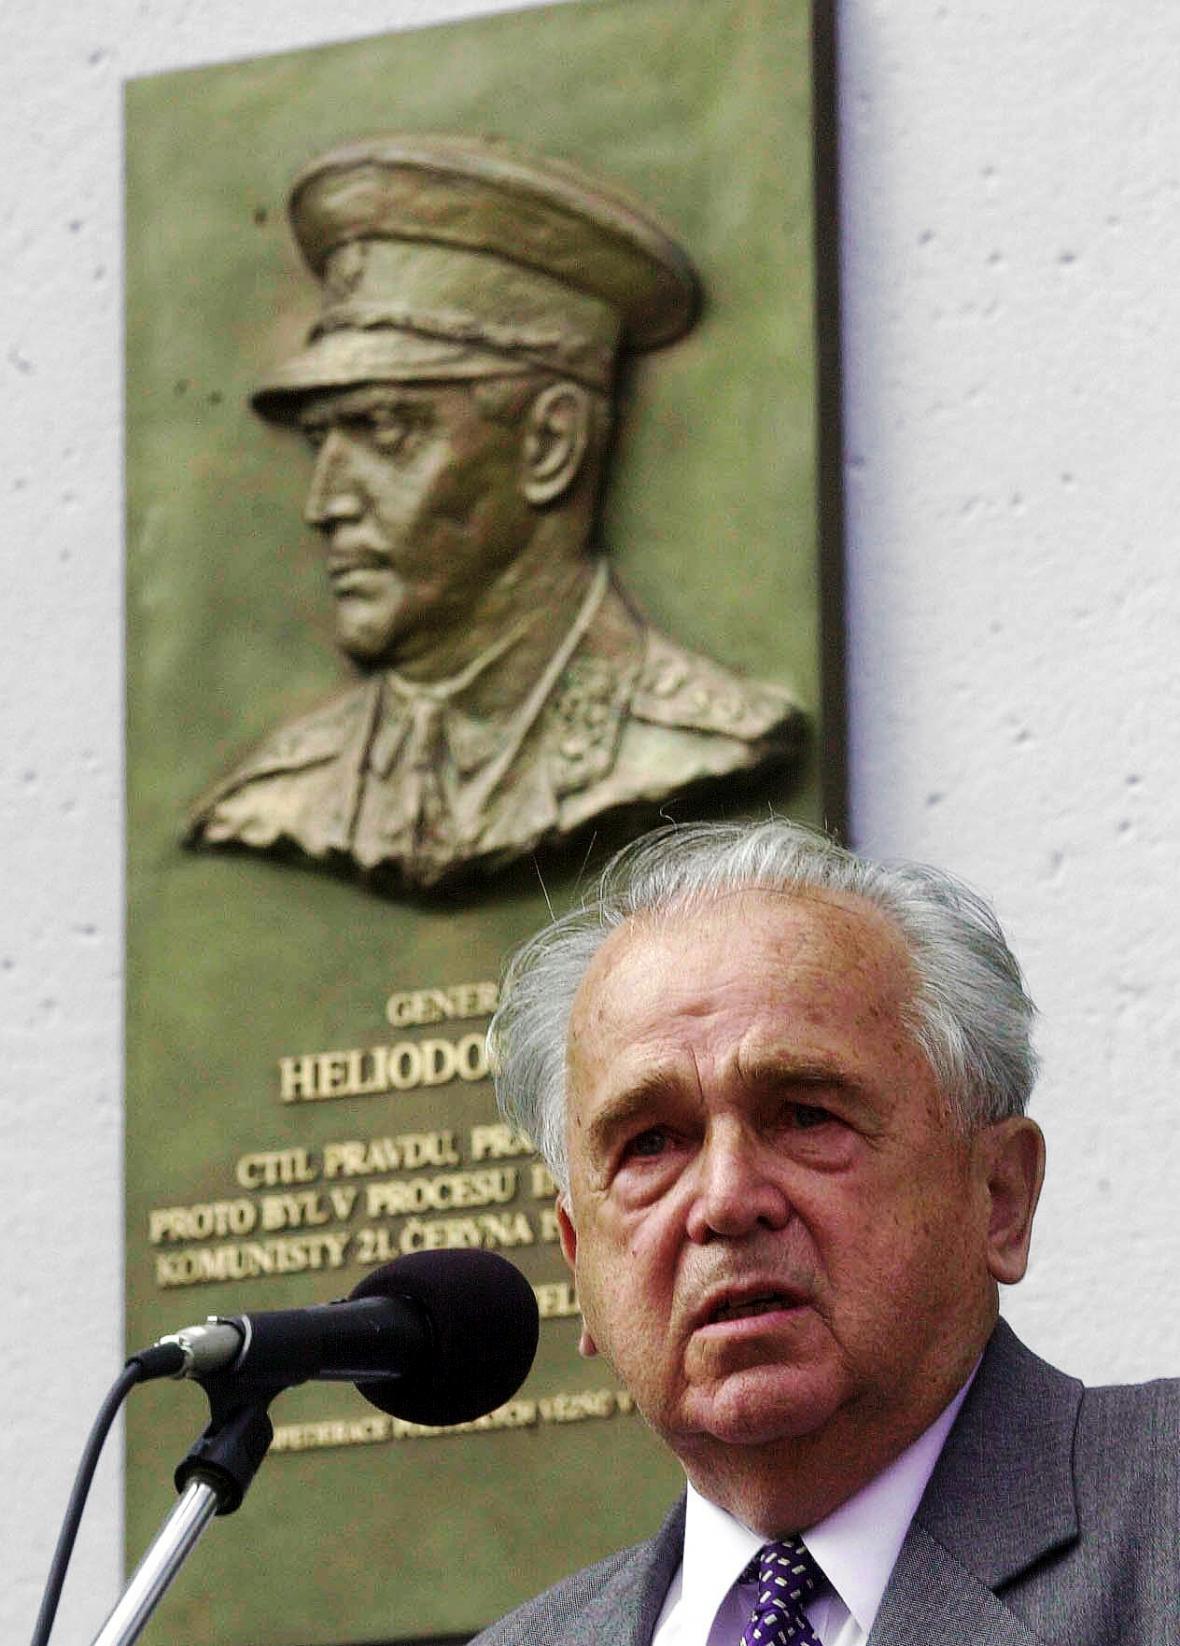 Syn Milan Píka u pamětní desky svého otce